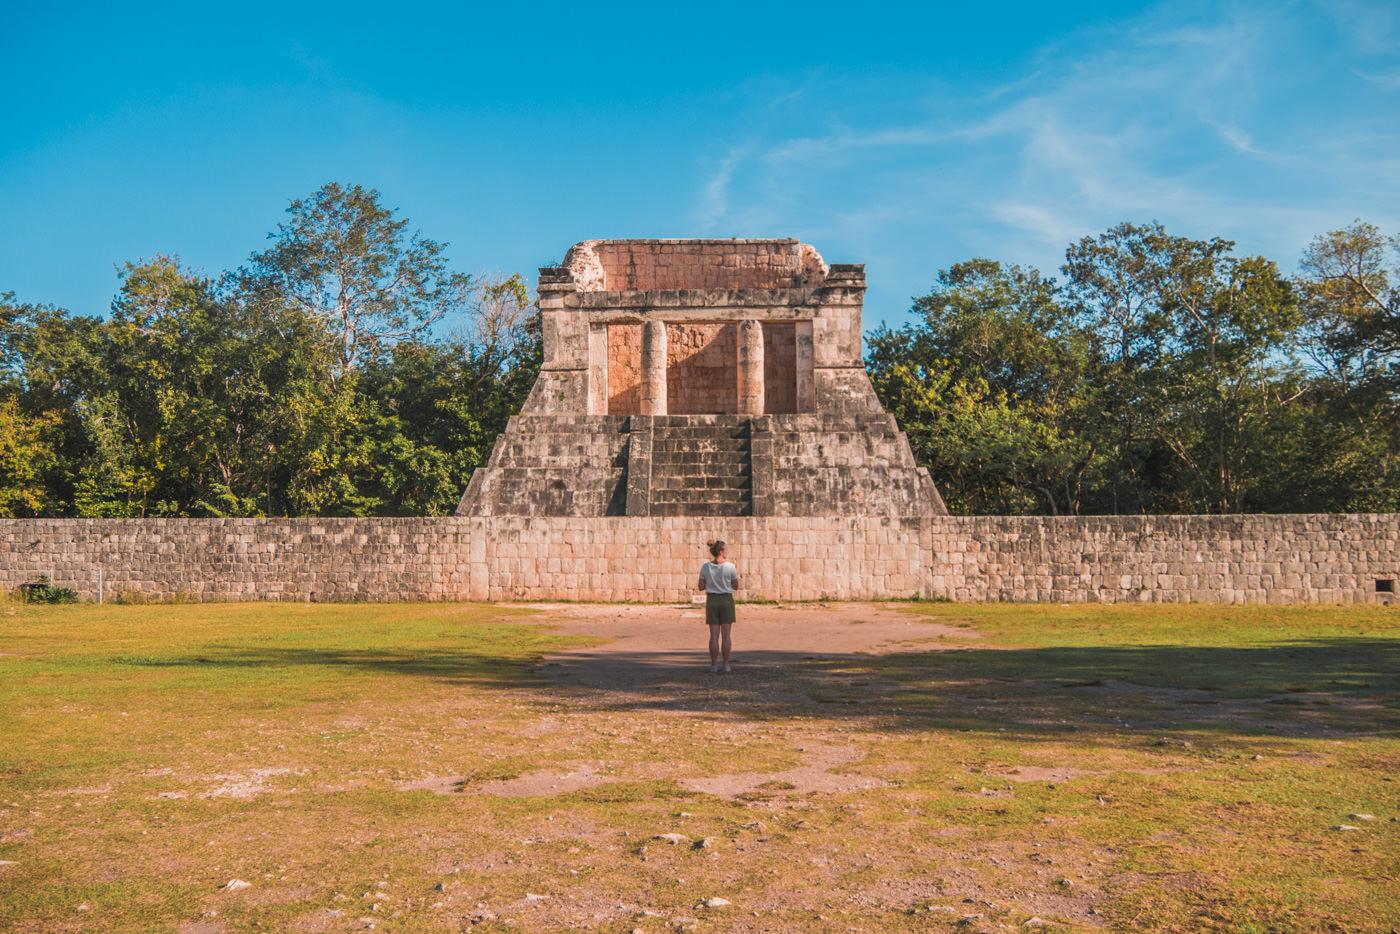 Julia im Ballcourt von Chichen Itza in Mexiko